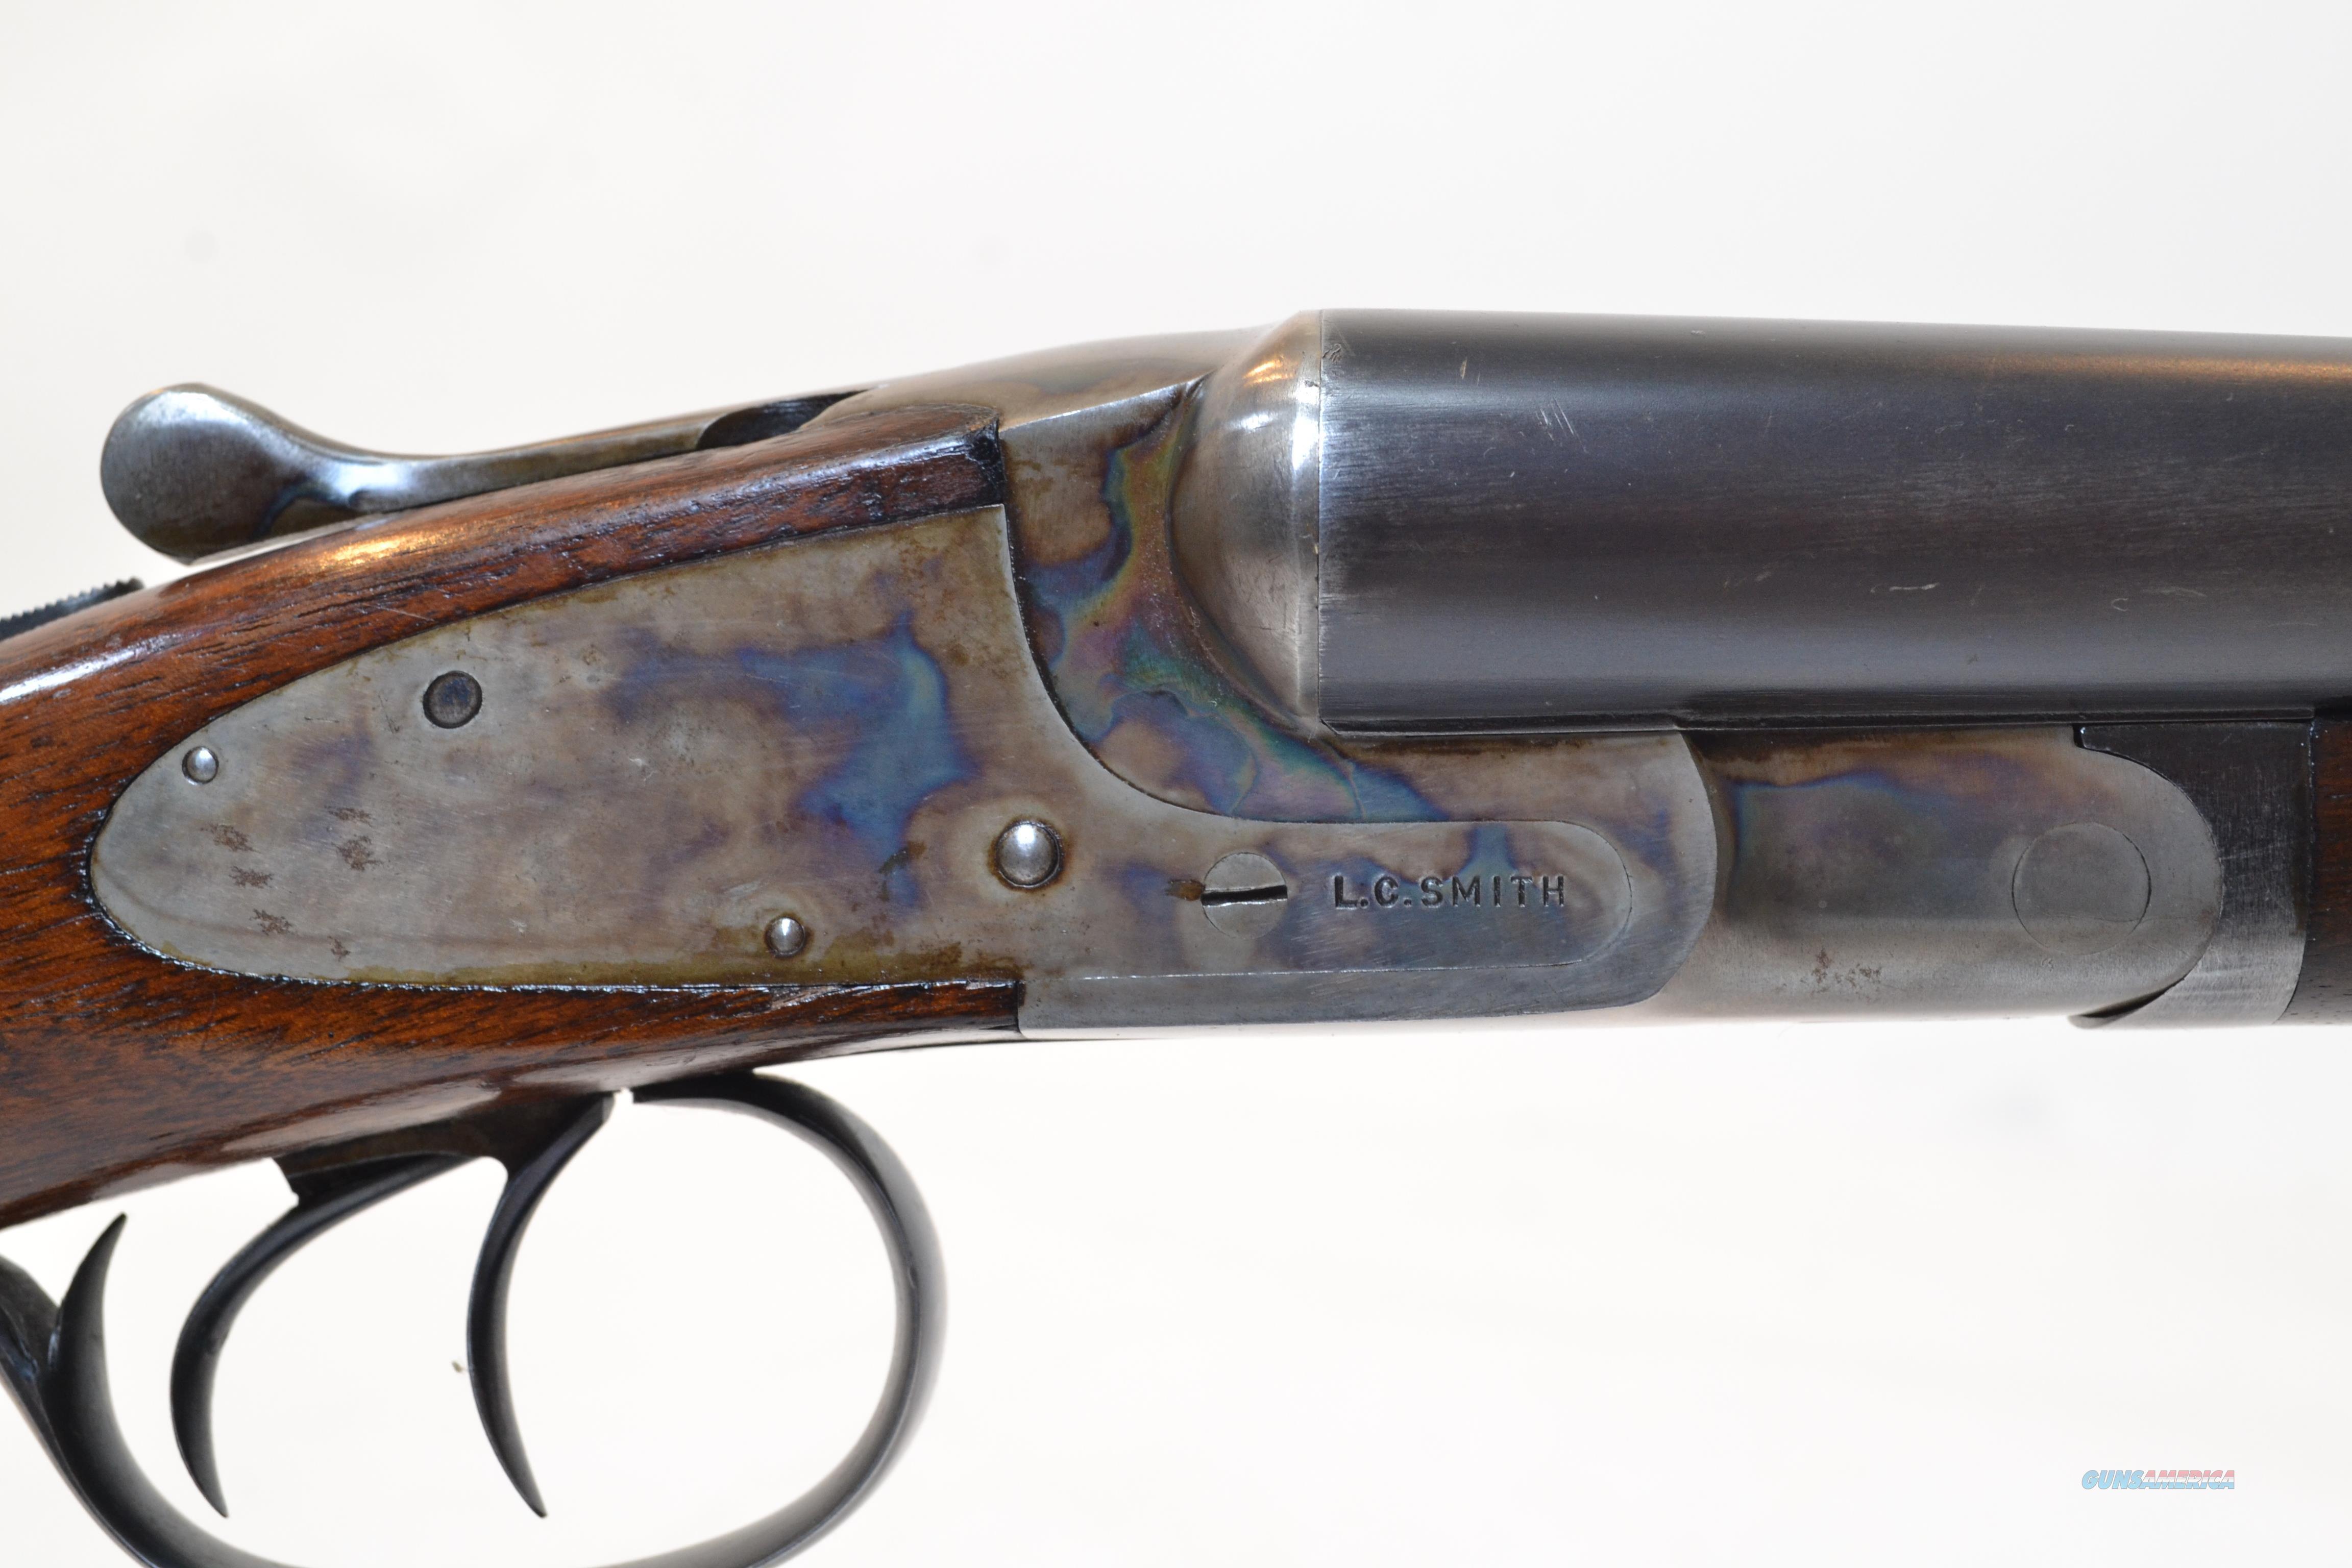 """L.C. Smith - Field Grade, 12ga. 30"""" Barrels Choked IM/F  Guns > Shotguns > L.C. Smith Shotguns"""